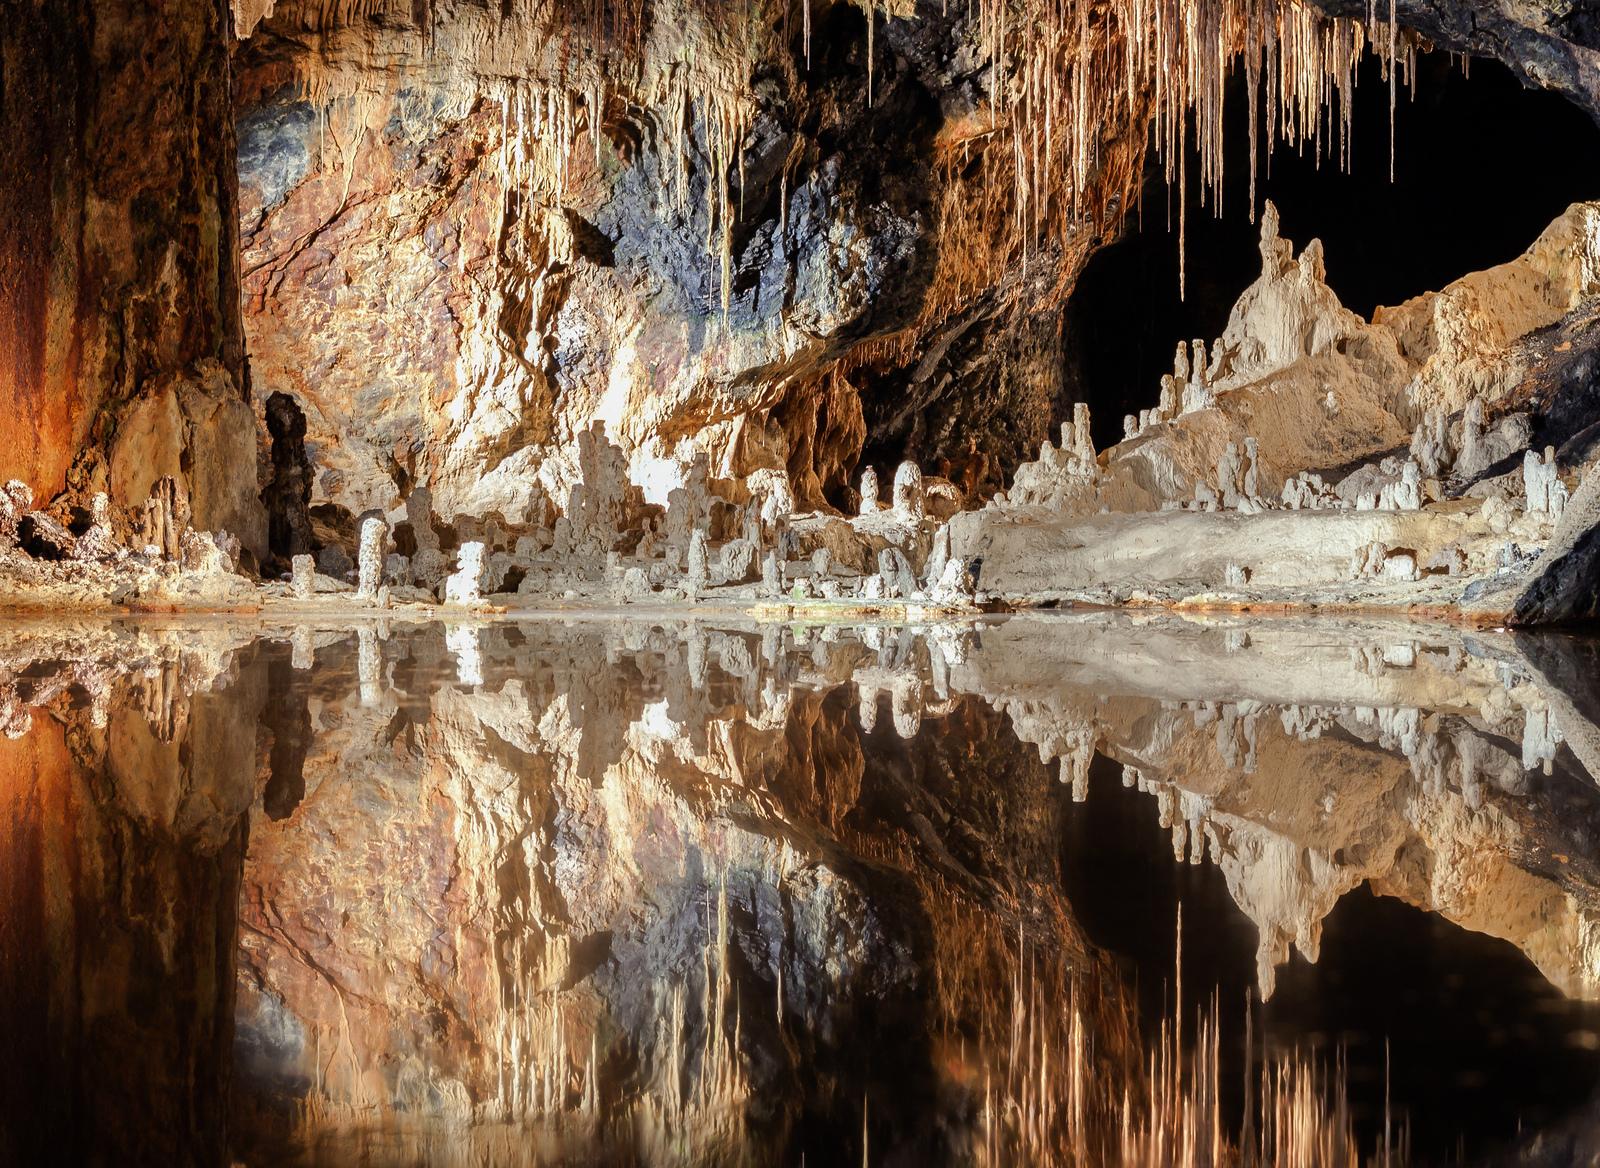 Спелеологи нашли в Германии гигантскую пещеру, которой миллионы лет